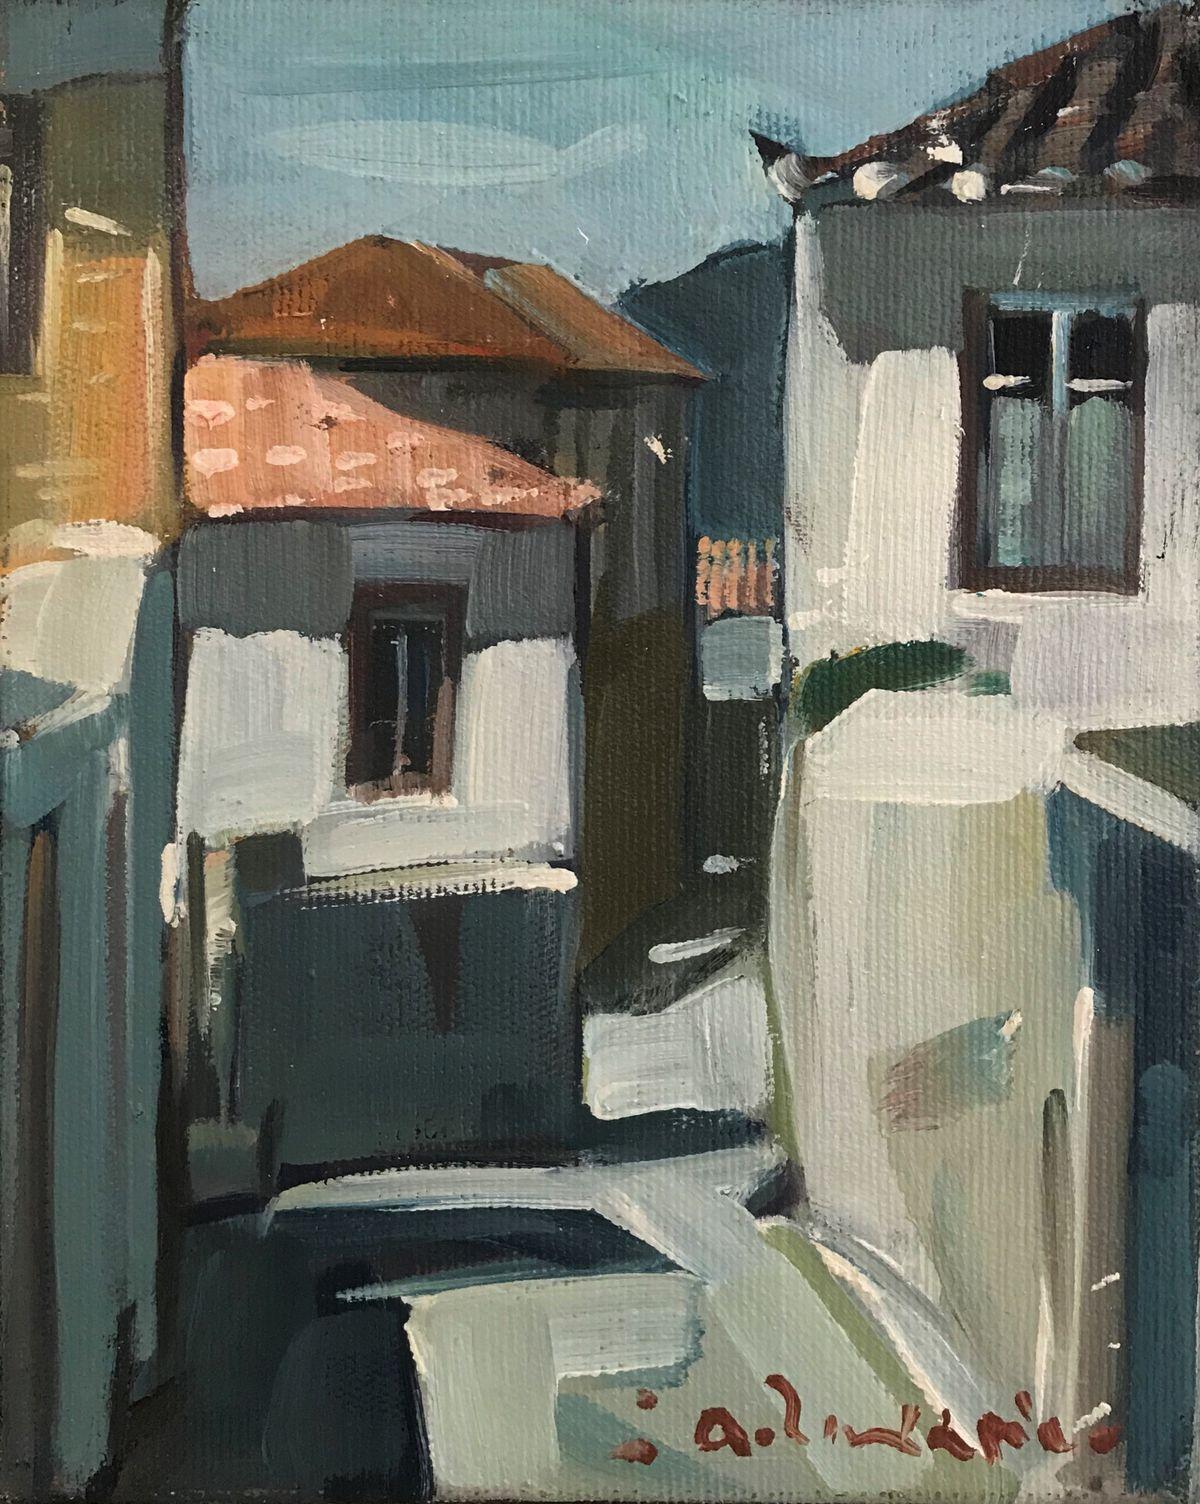 Θανάσης Ζαχαρίου 24×30 Λάδια σε καμβά Thanassis Zachariou 24×30 cm Oils on canvas